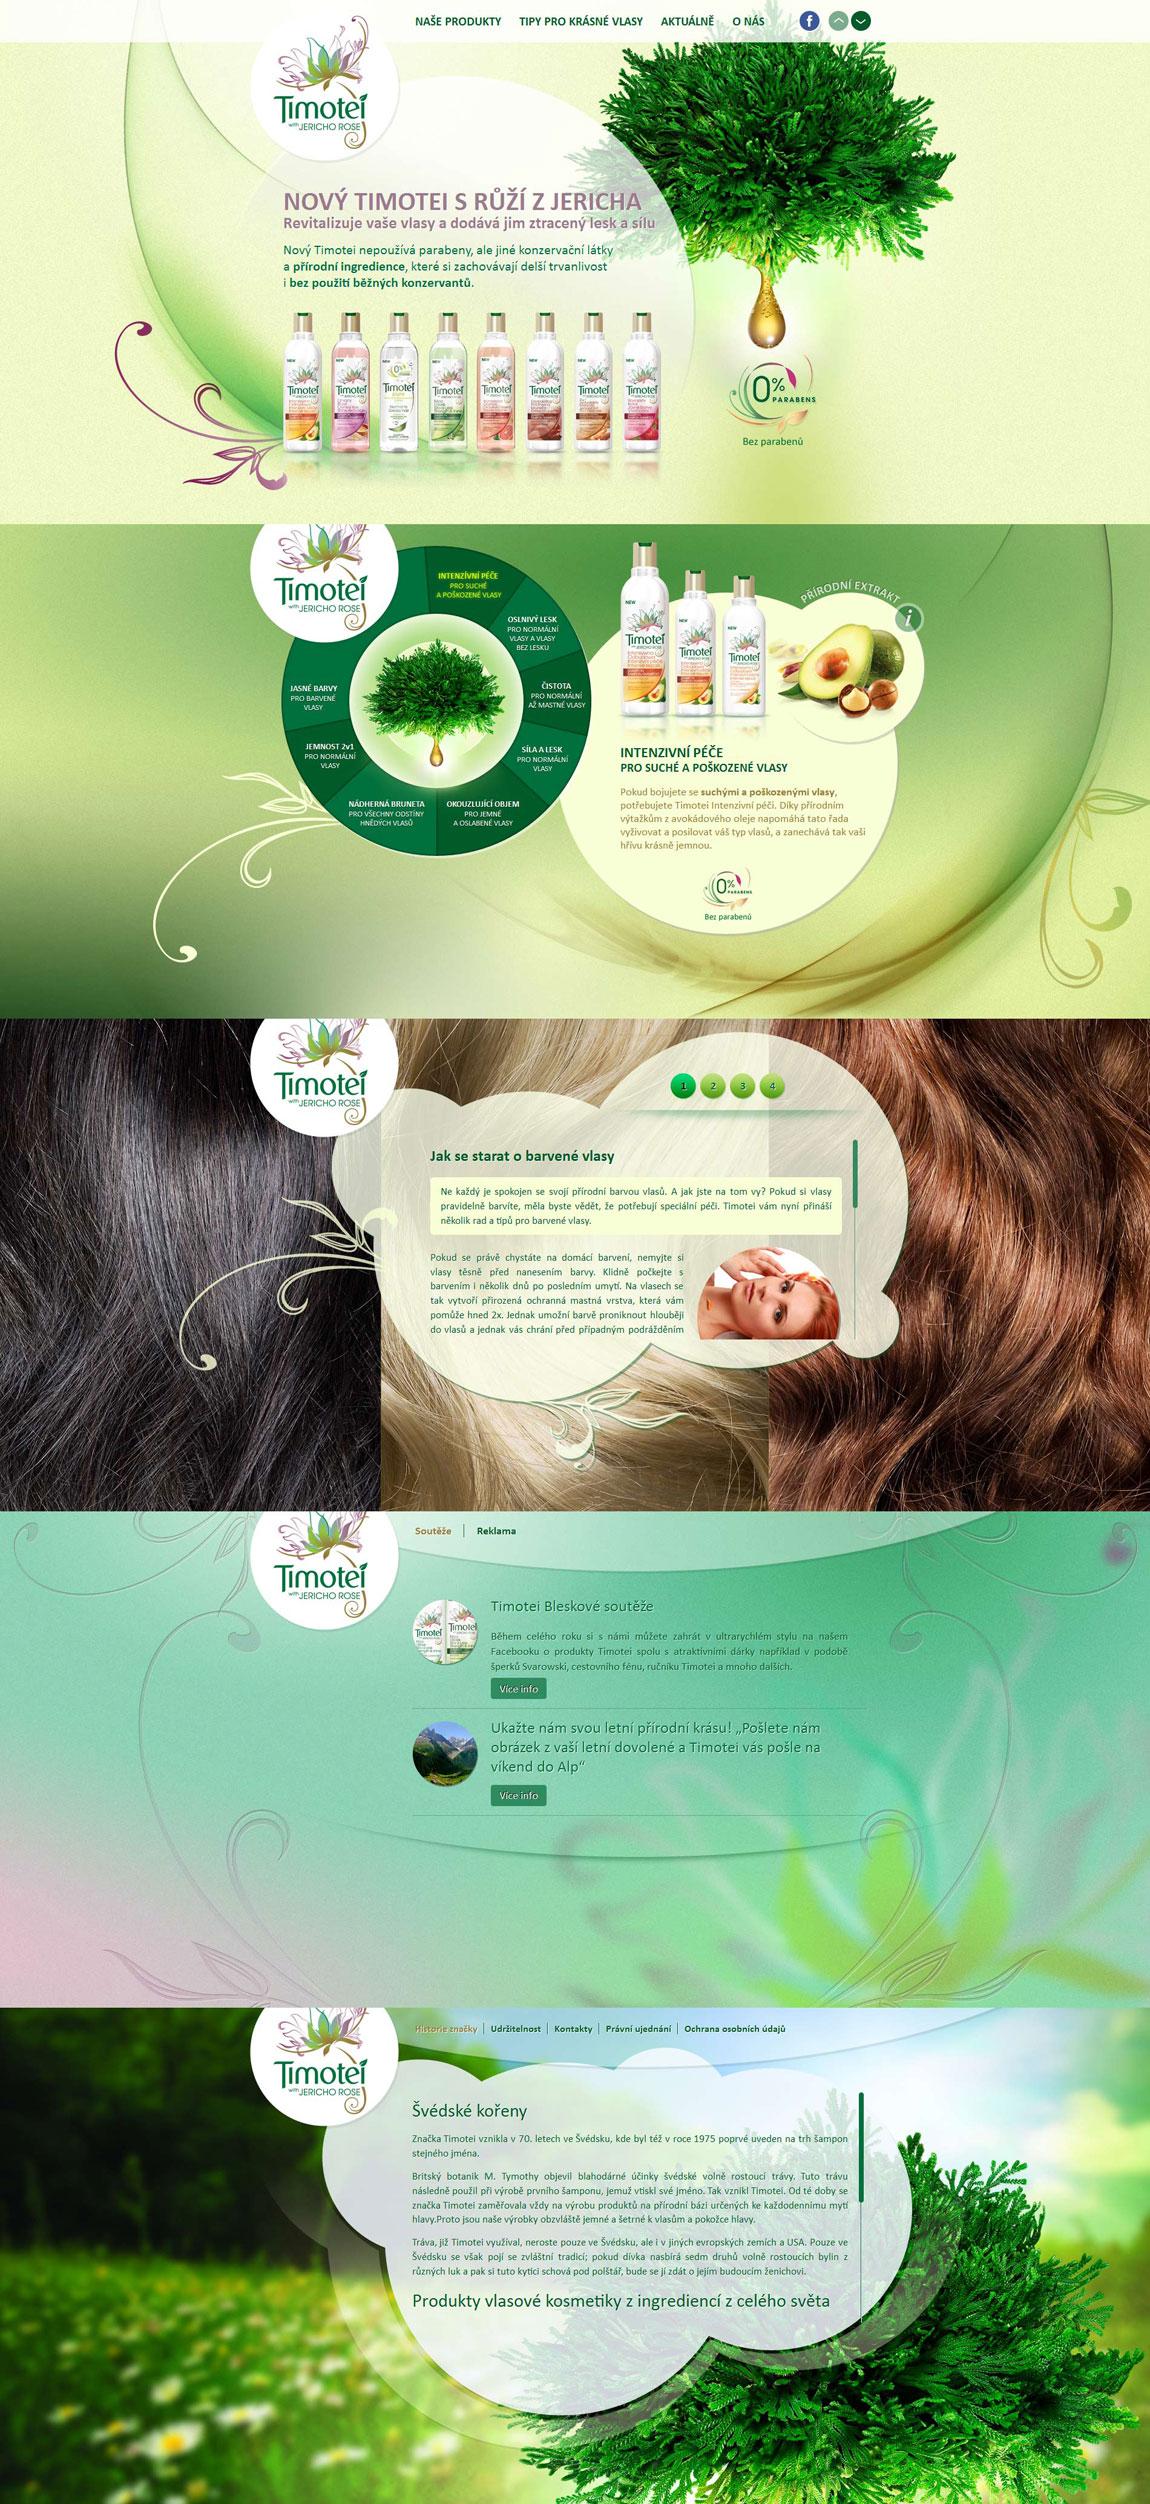 Timotei Website Screenshot